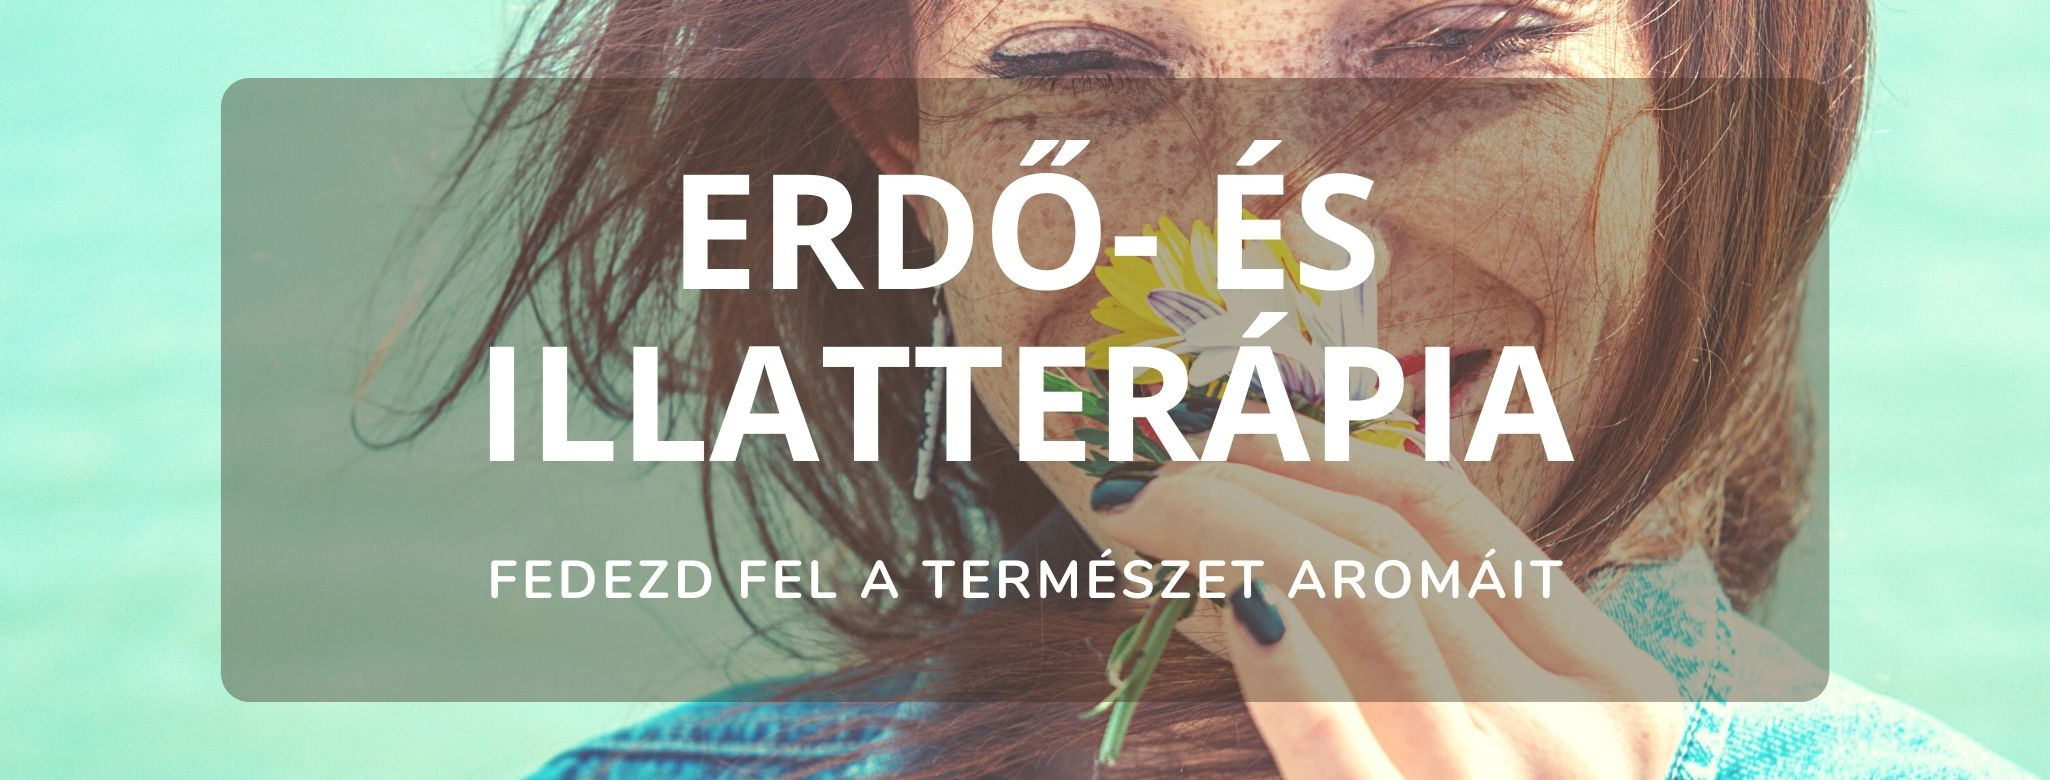 Erdőterápia és illatterápia